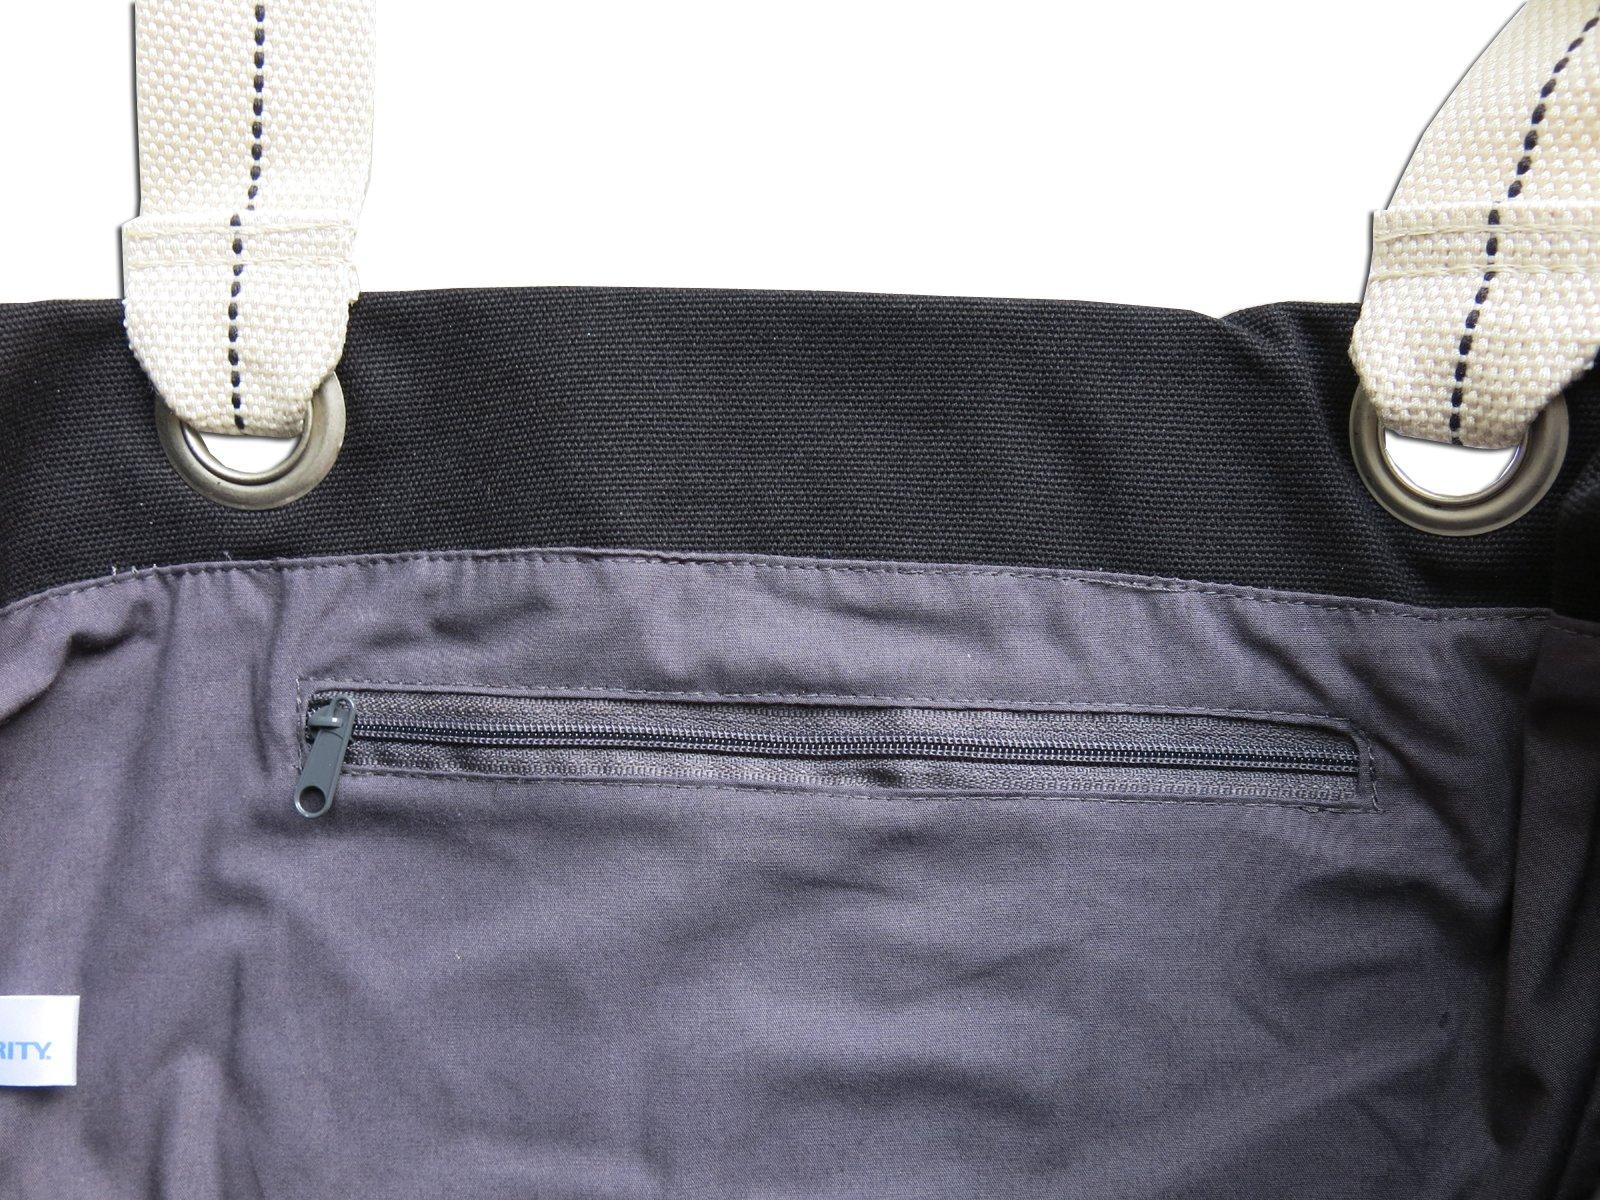 Universidad de Nebraska Camisas Negras bolsa bolsas de lona de algodón ricos Nebraska Camisas Negras Negro: Amazon.es: Deportes y aire libre